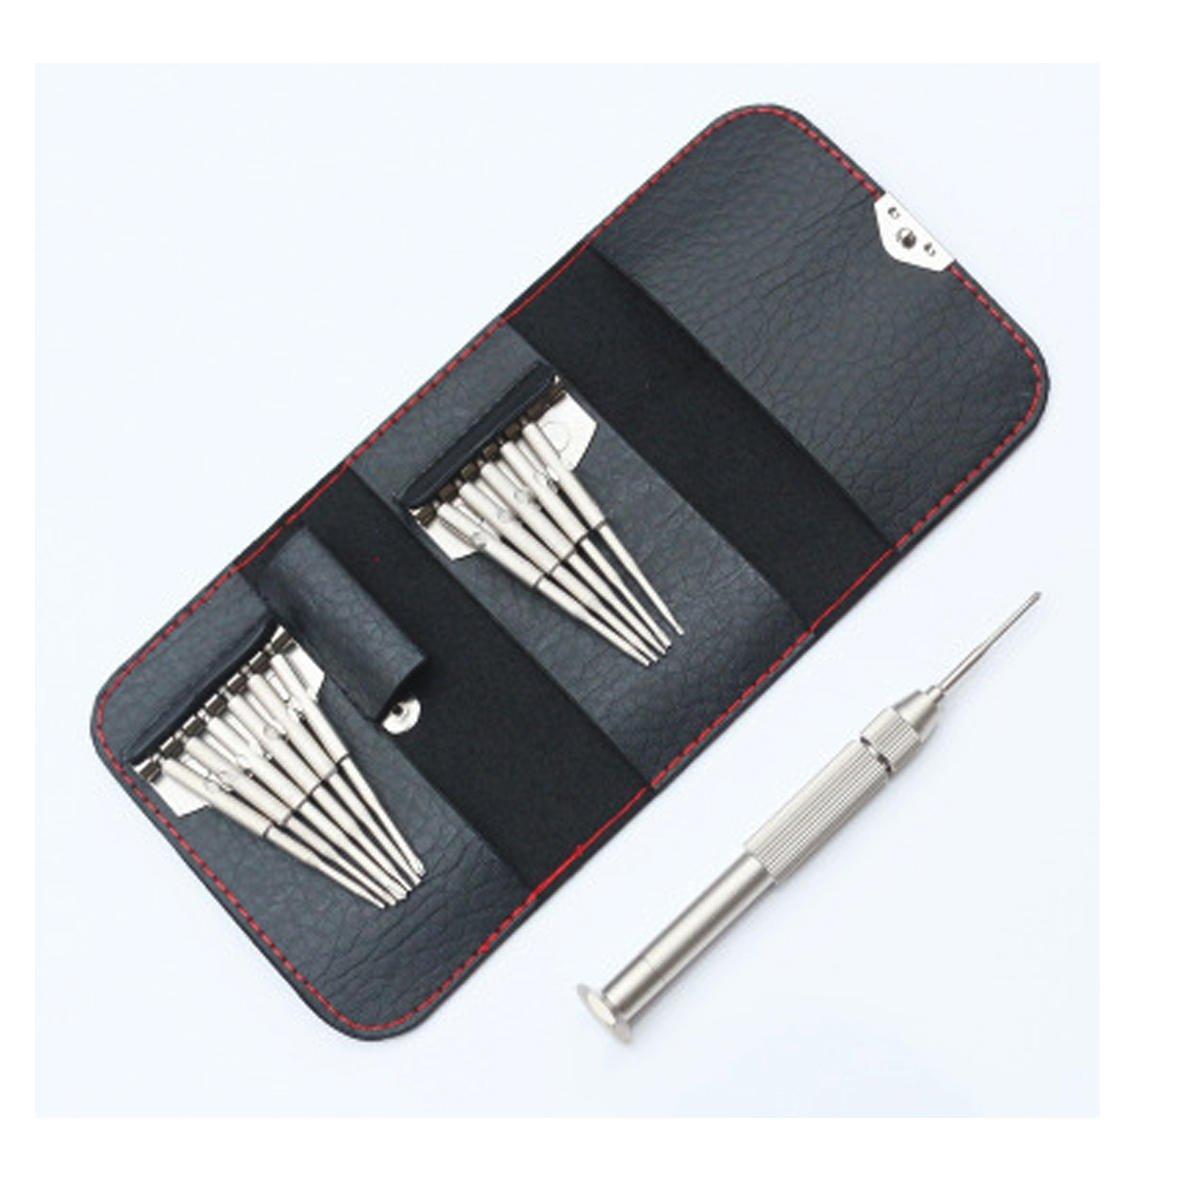 12 in 1 Mini Precision Wallet Screwdriver Kit Repair Tool for Phones PC Laptop Drone Model